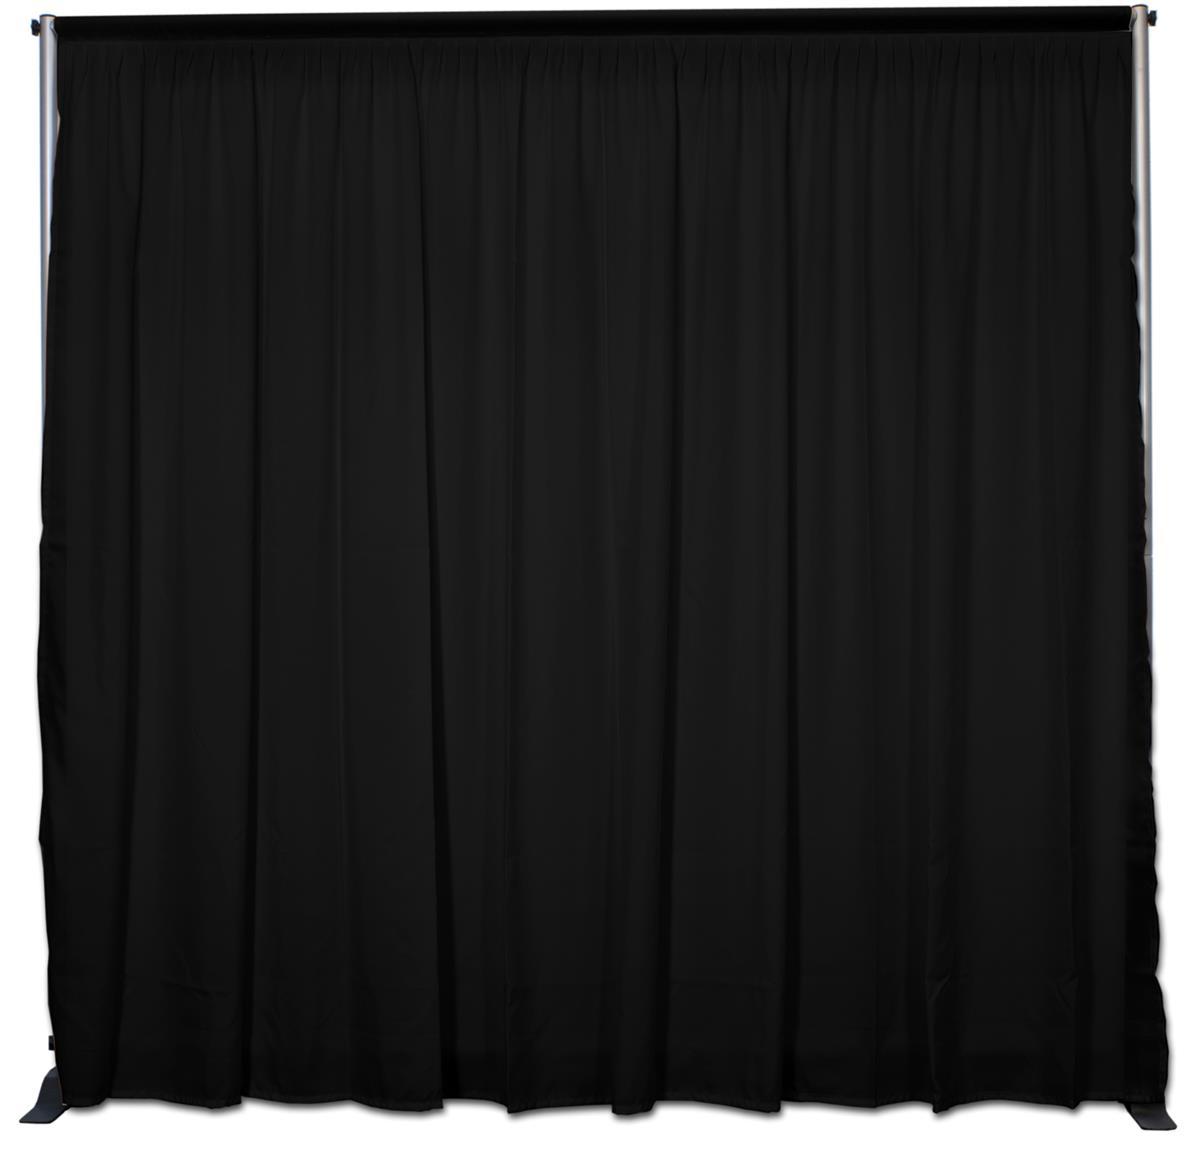 Backdrop Drapery 8 Foot Fabric Pipe N Drape Wall